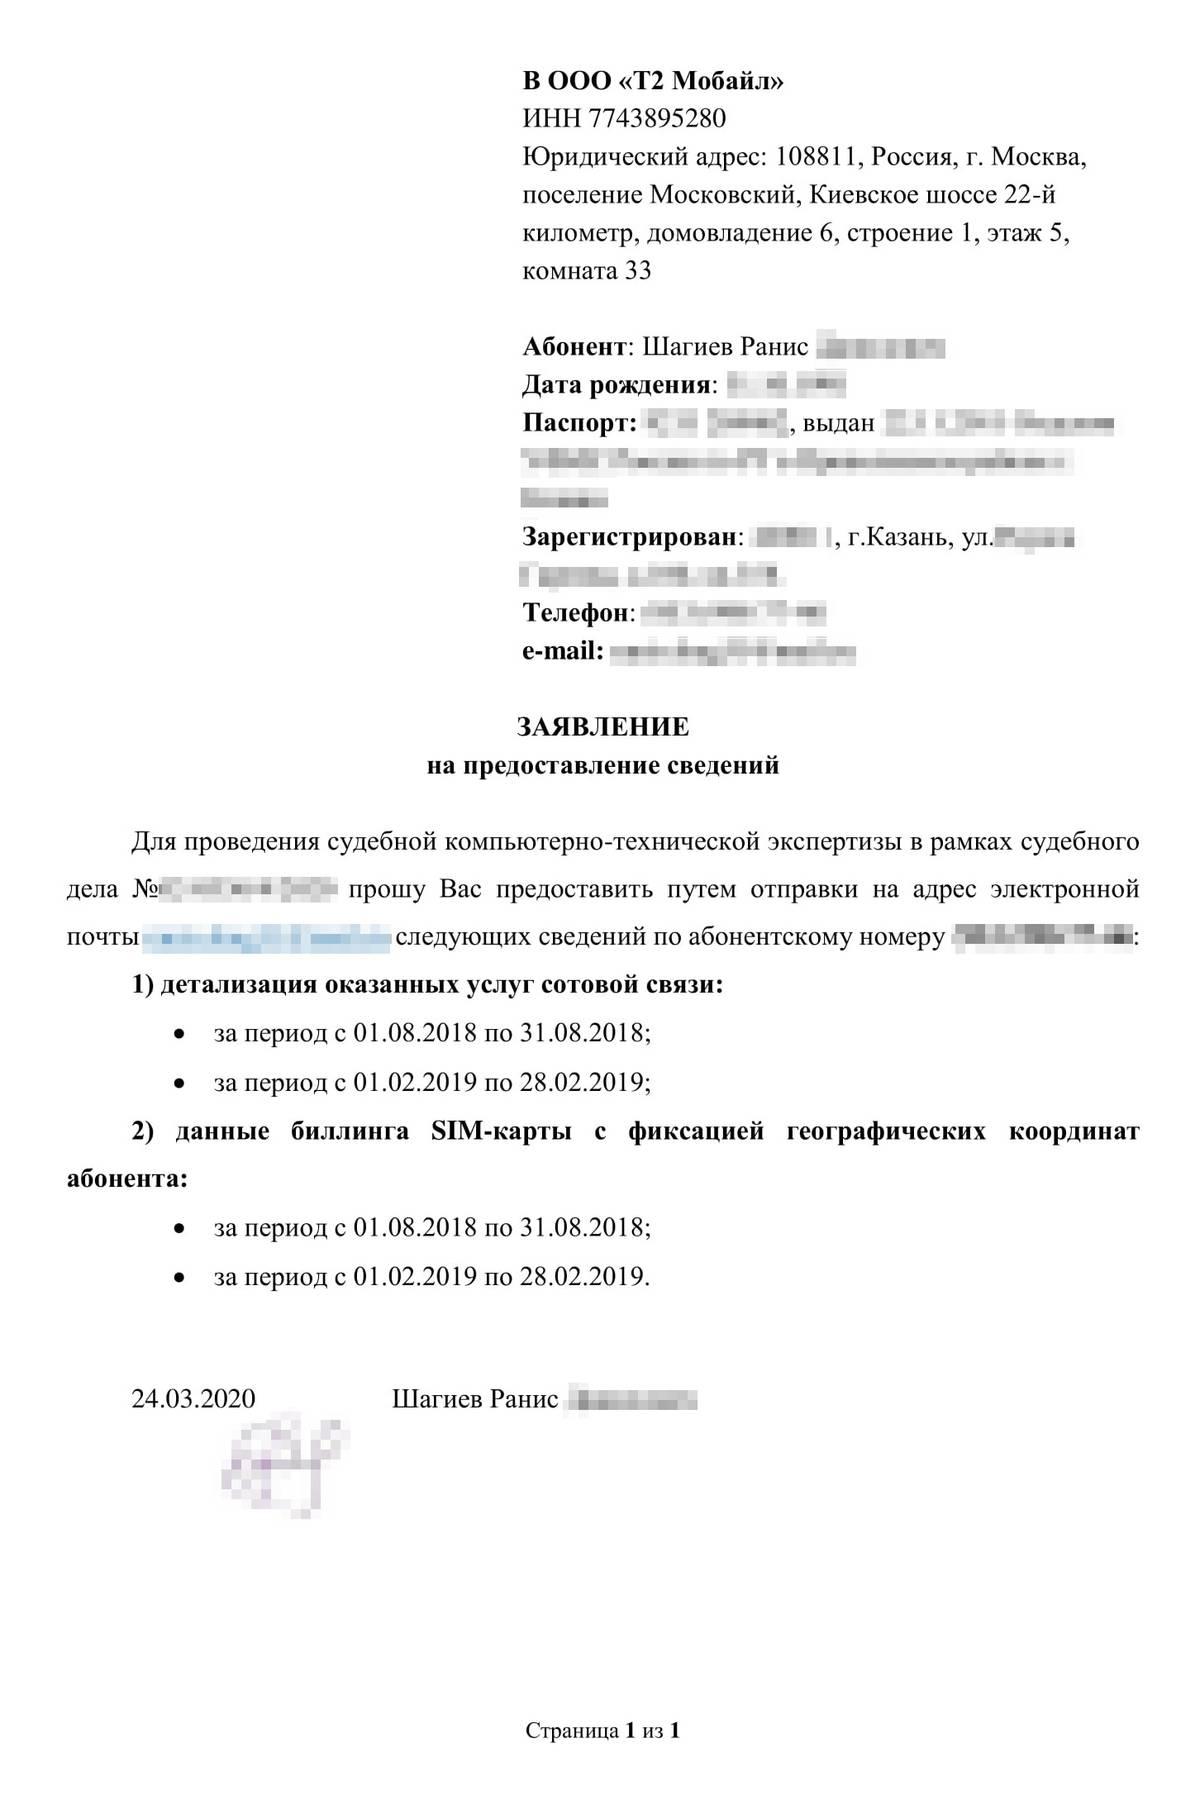 Запрос в «Теле-2» вообще остался безответа